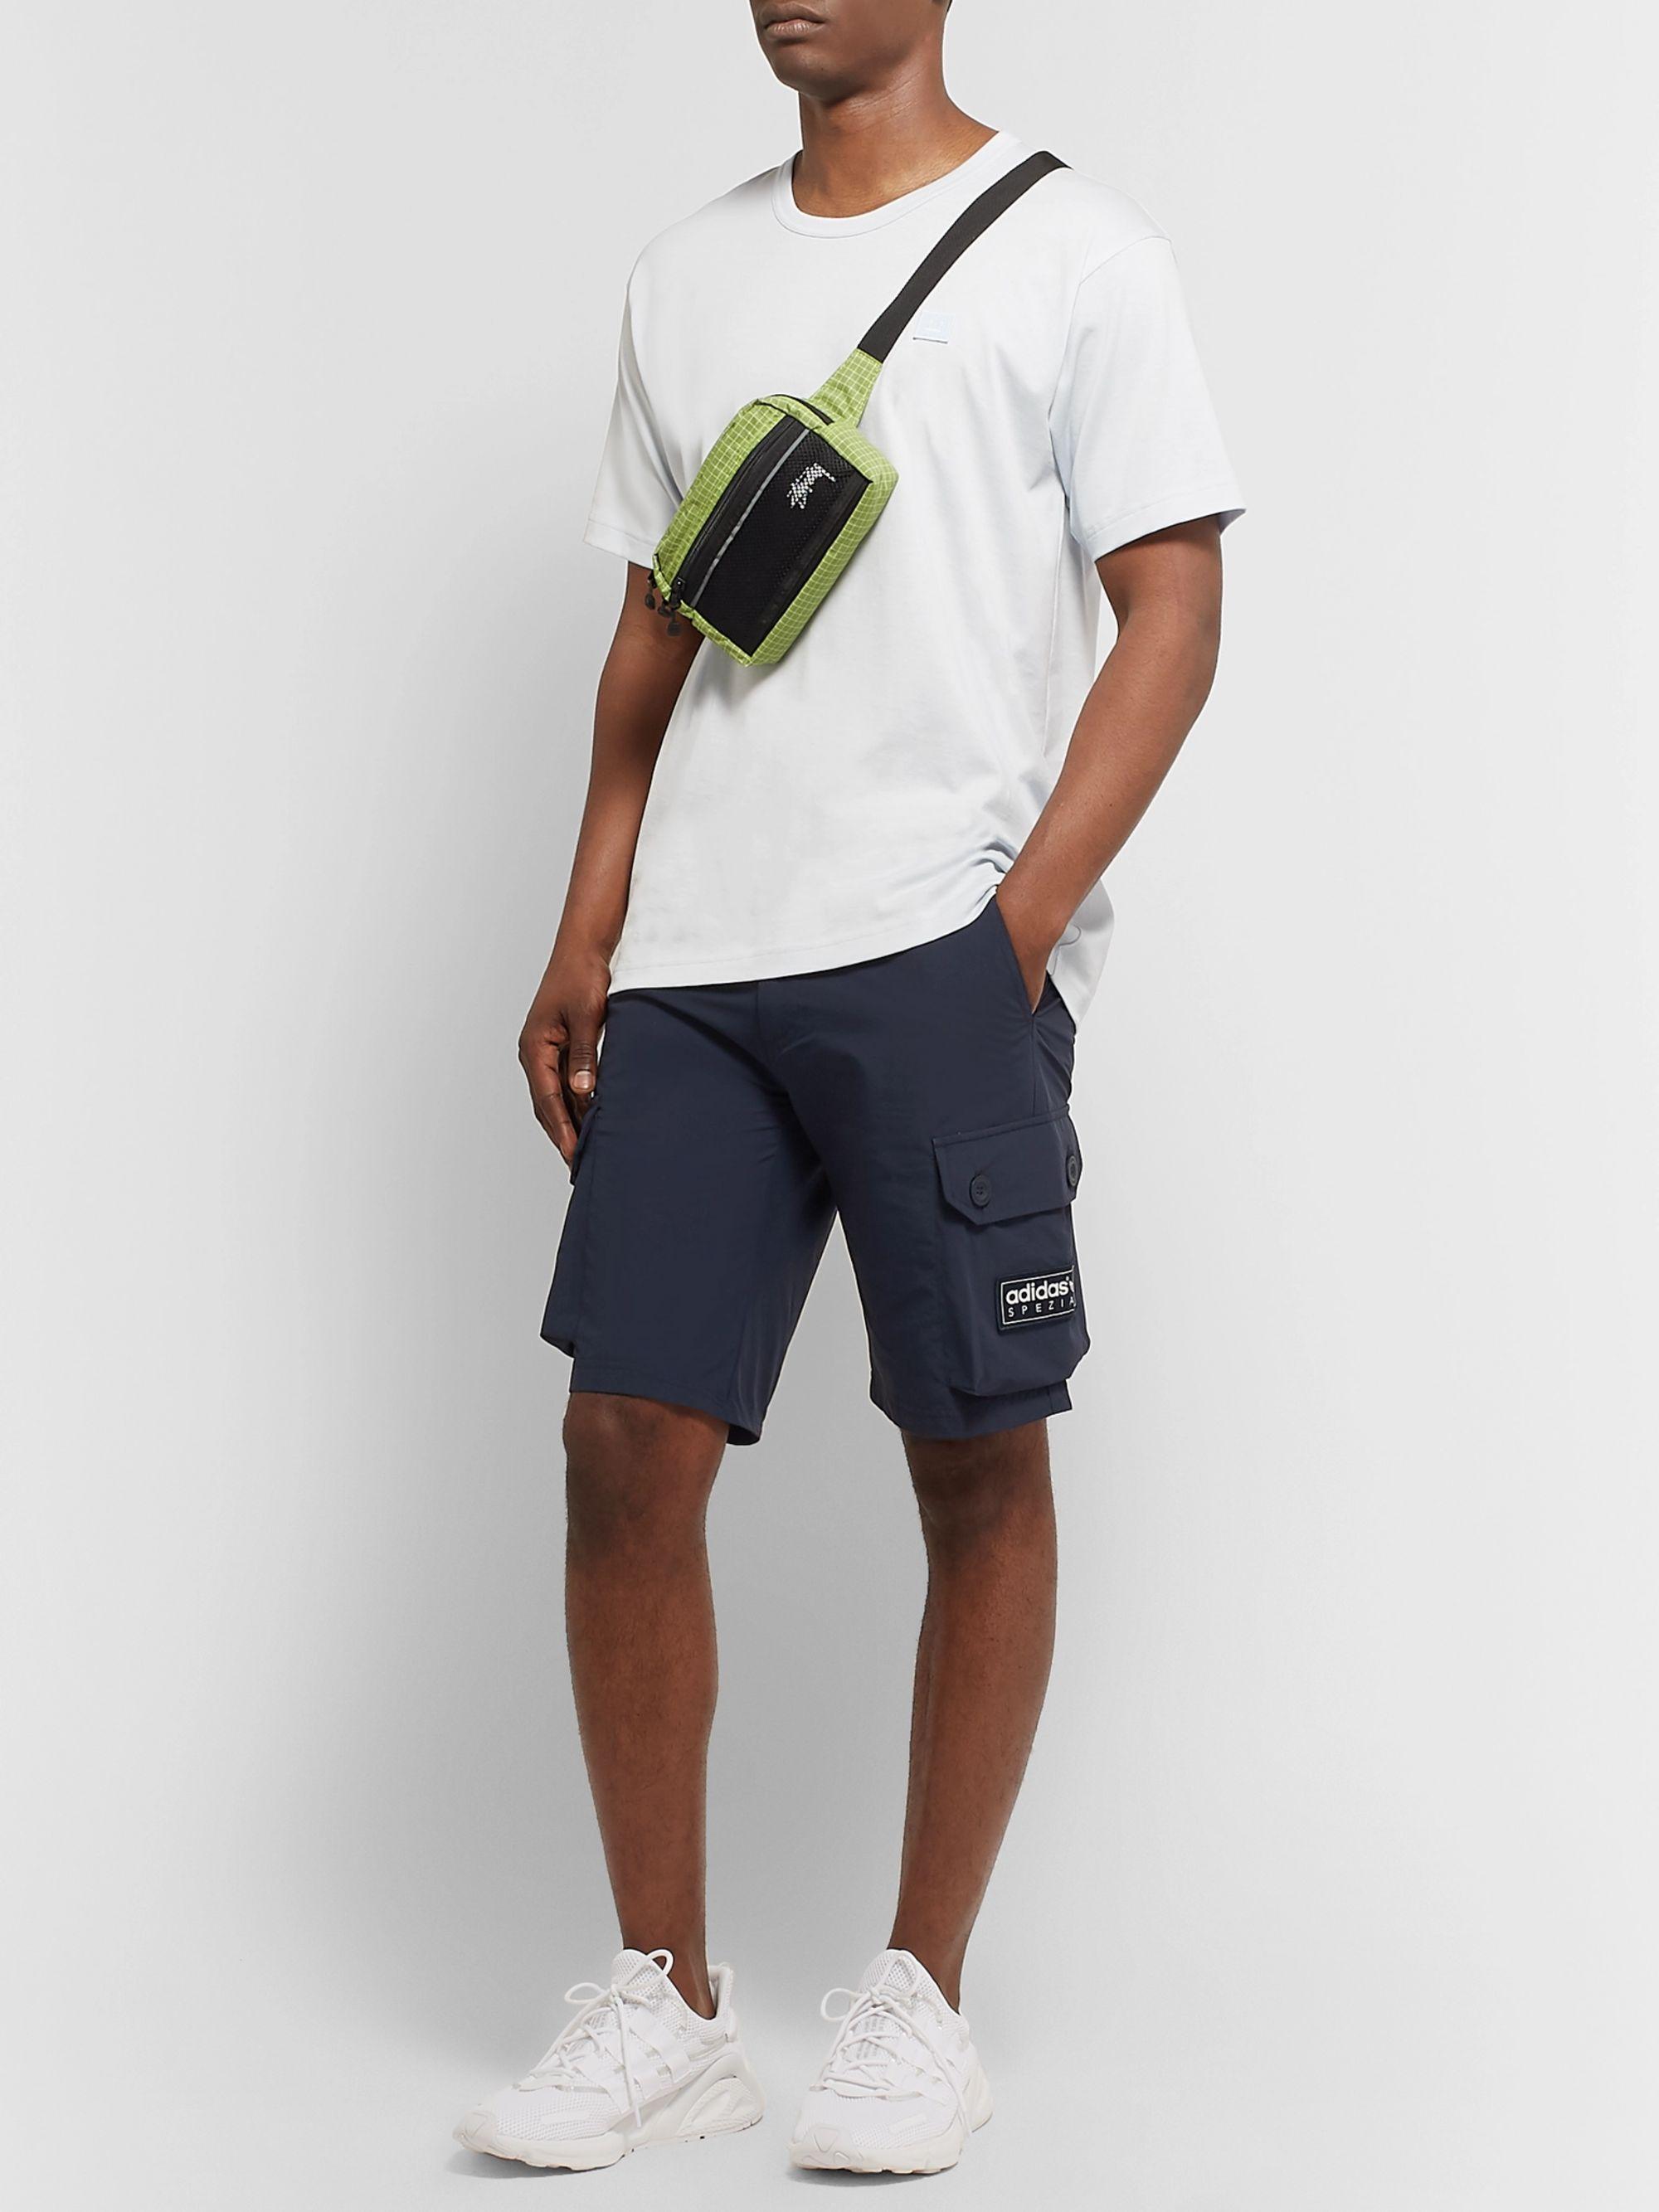 adidas Originals Consortium City Series Part 3 | Adidas